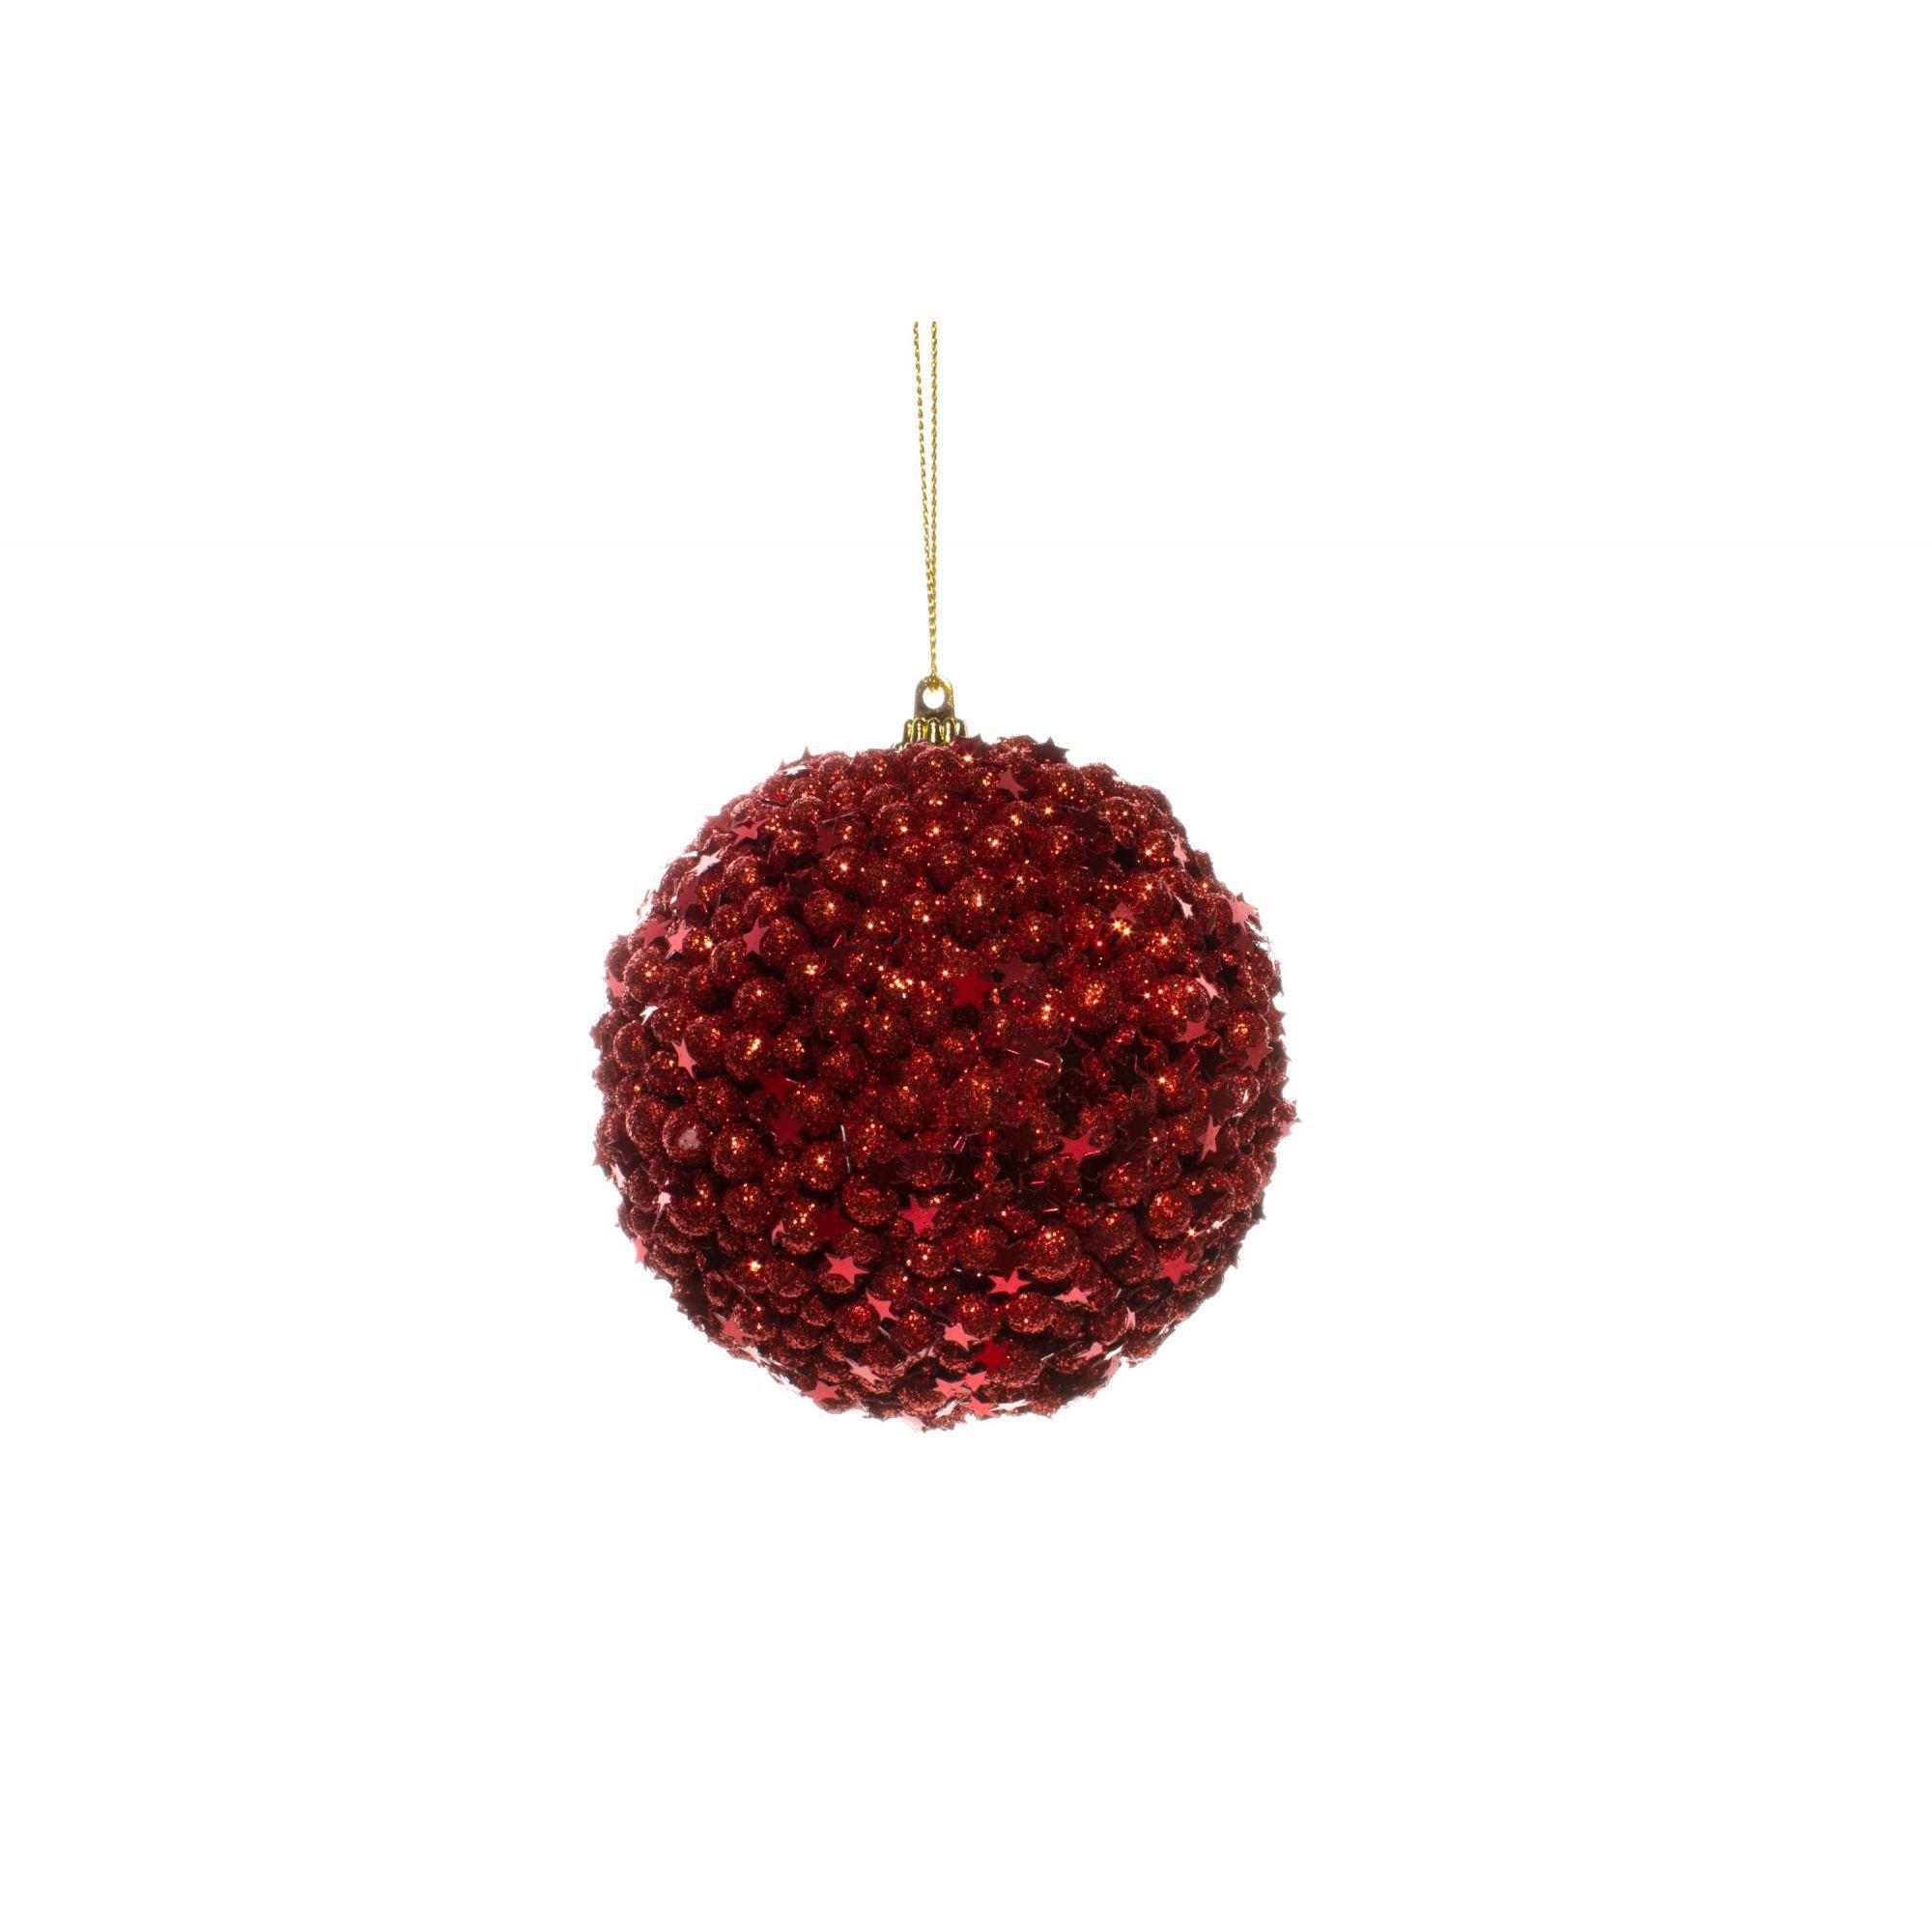 Bola De Natalina Vermelha - 1 Unidade